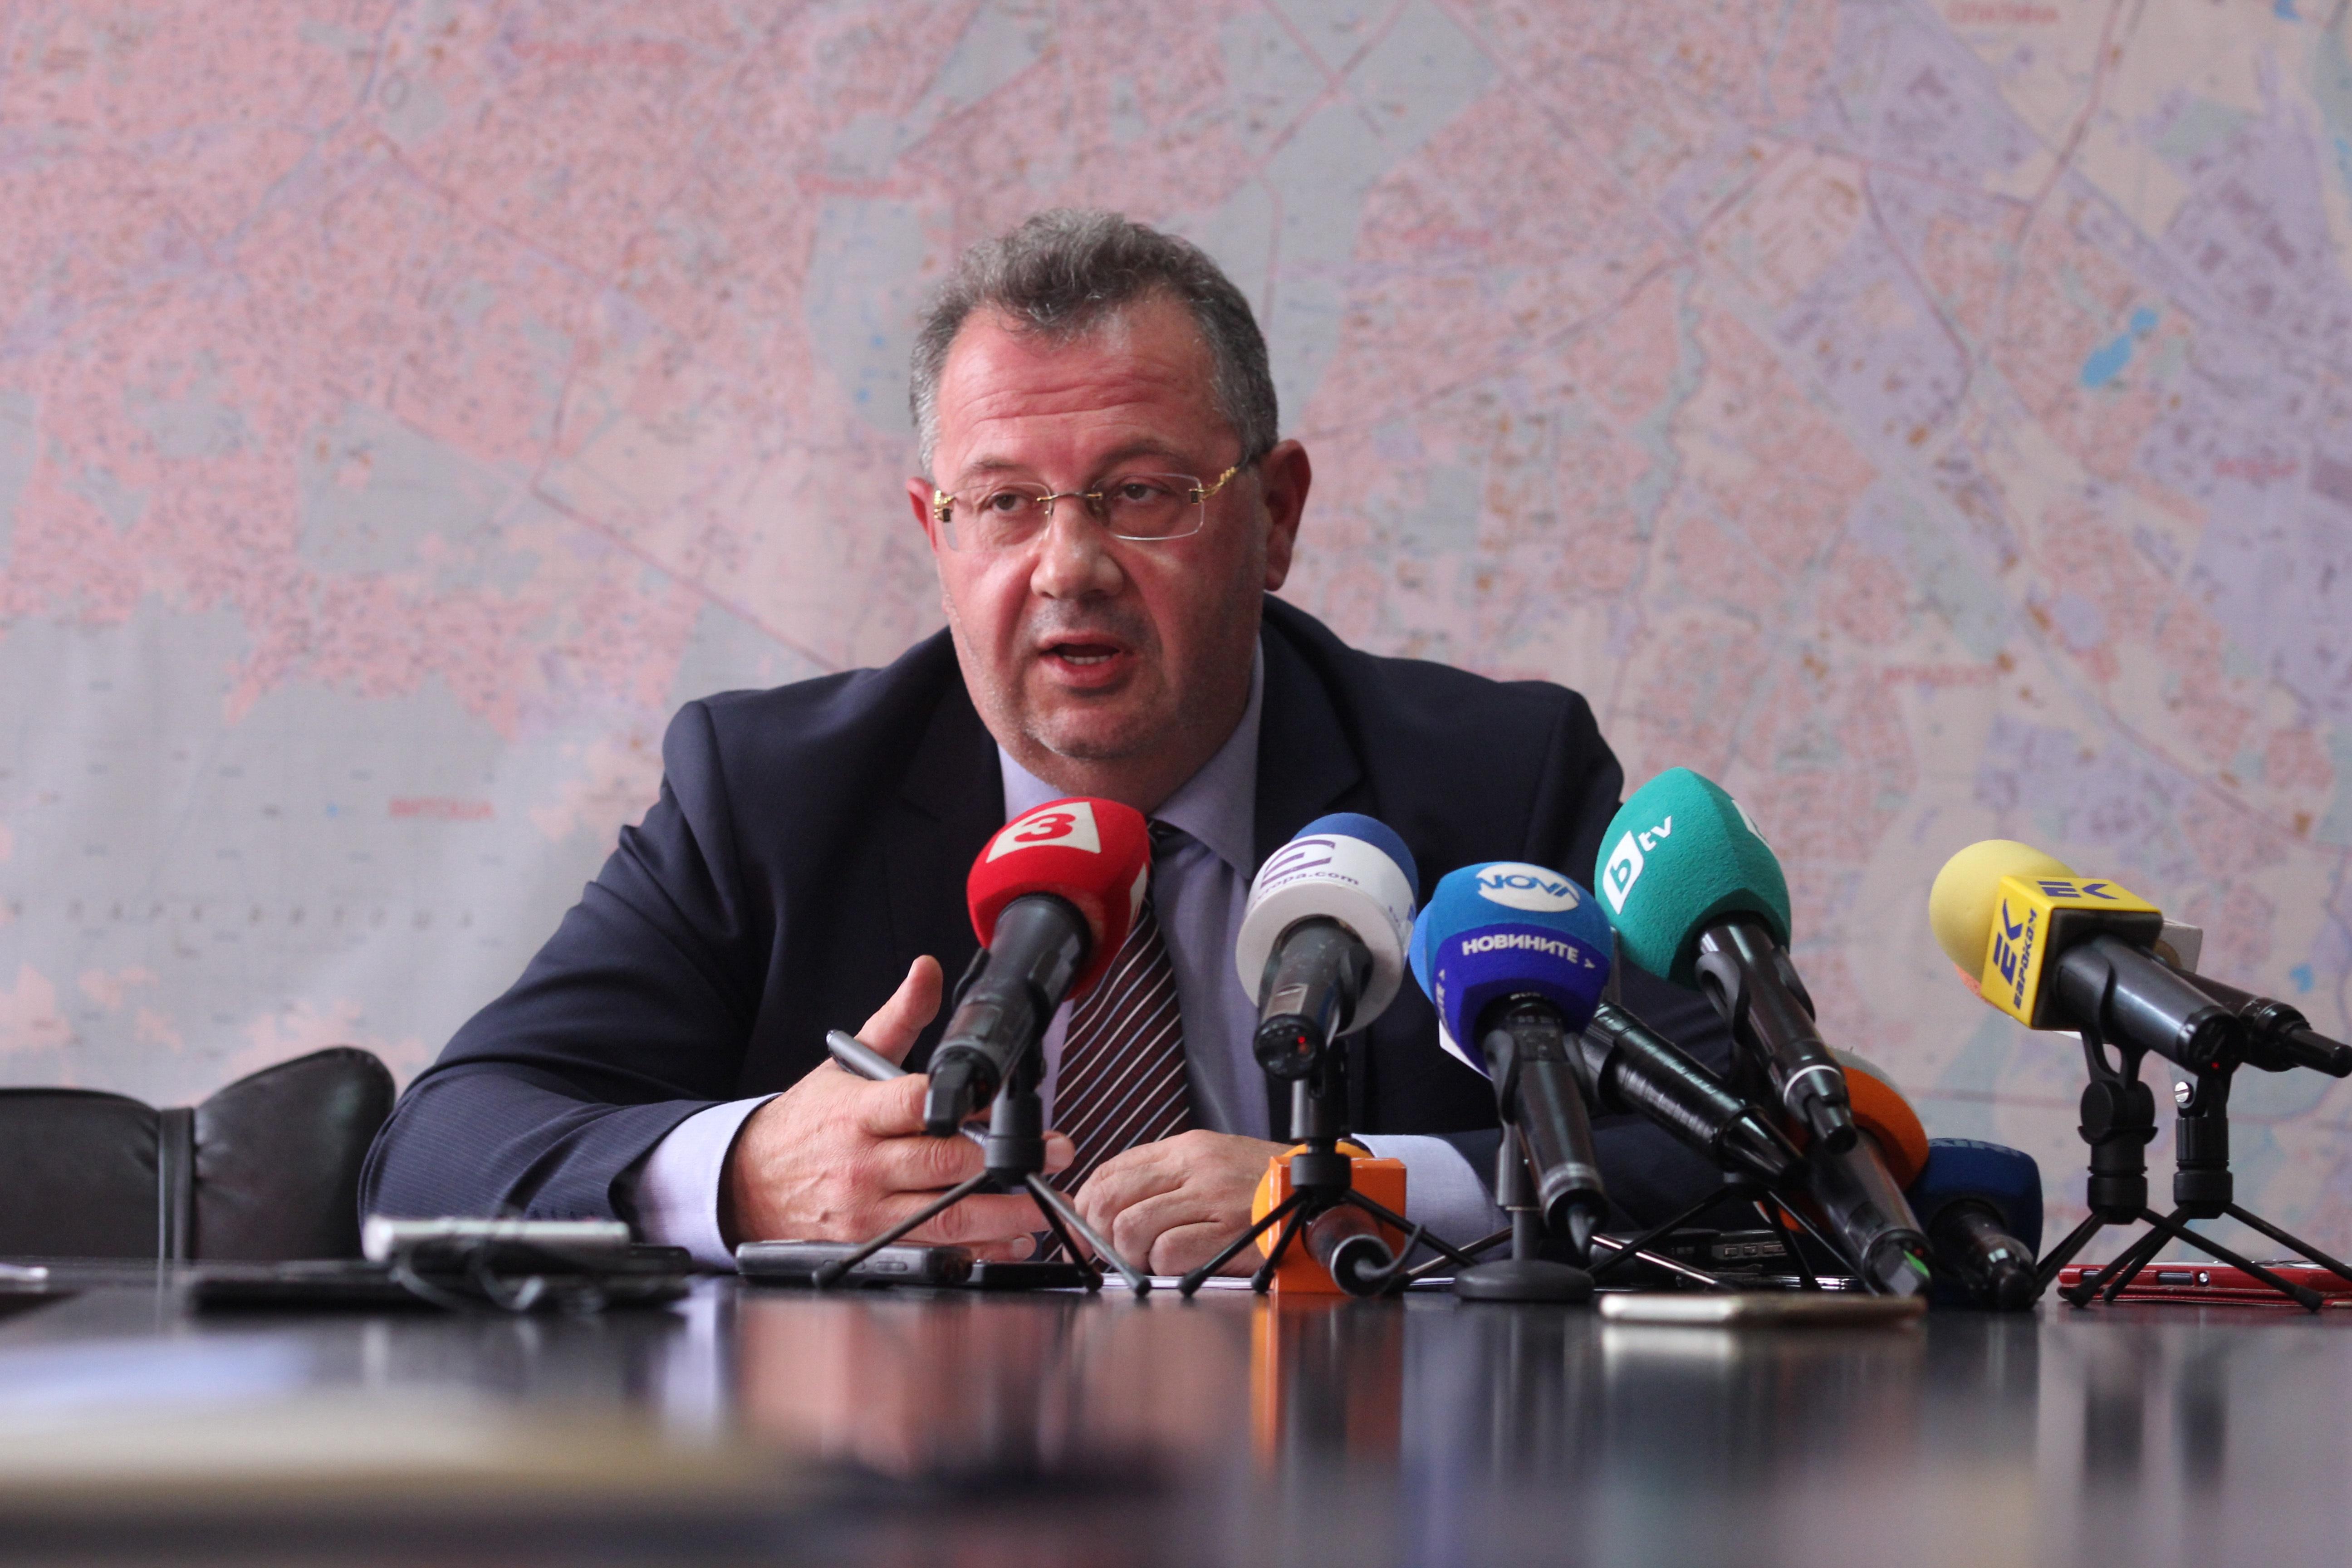 """Веселин Пенев обяснява пред журналисти продажбата на """"царските конюшни"""""""